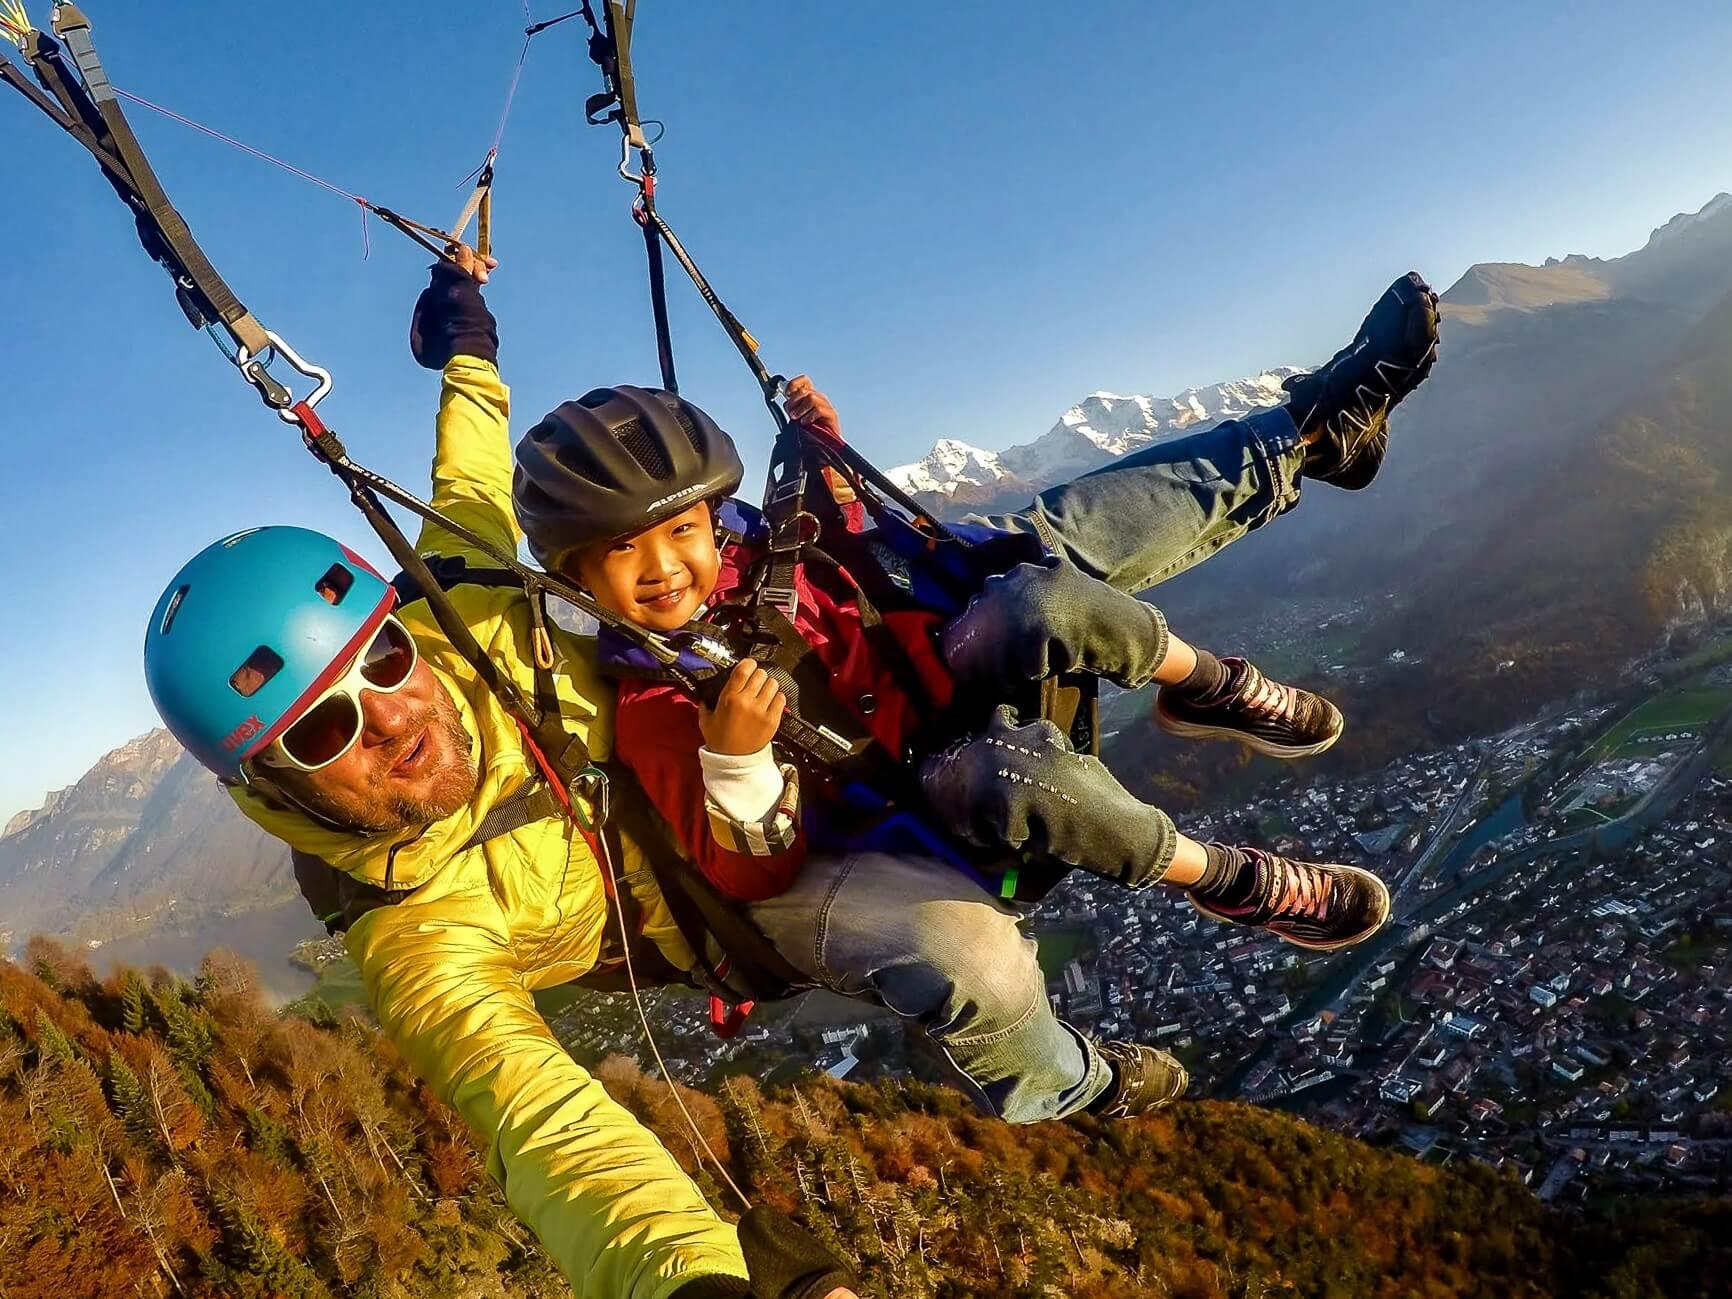 skywings-paragliding-interlaken-herbst-kind-asien